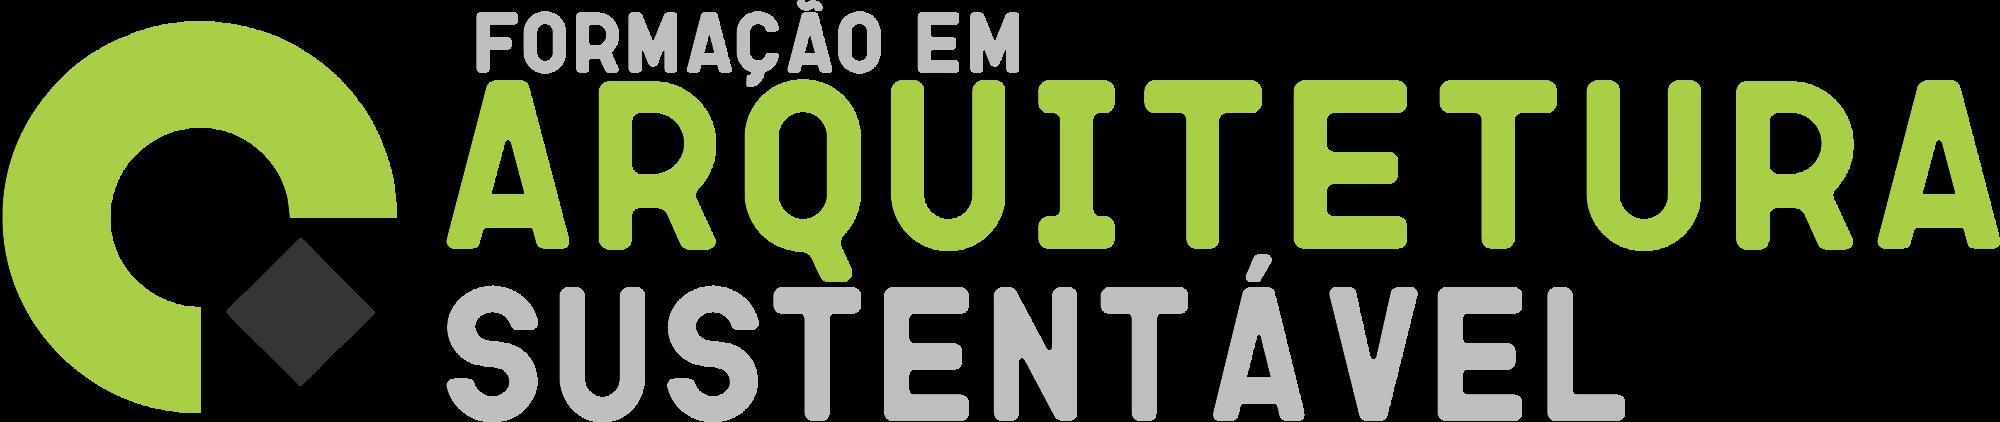 FORMAÇÃO EM ARQUITETURA SUSTENTÁVEL – PAULO TRIGO – TETO ARQUITETURA